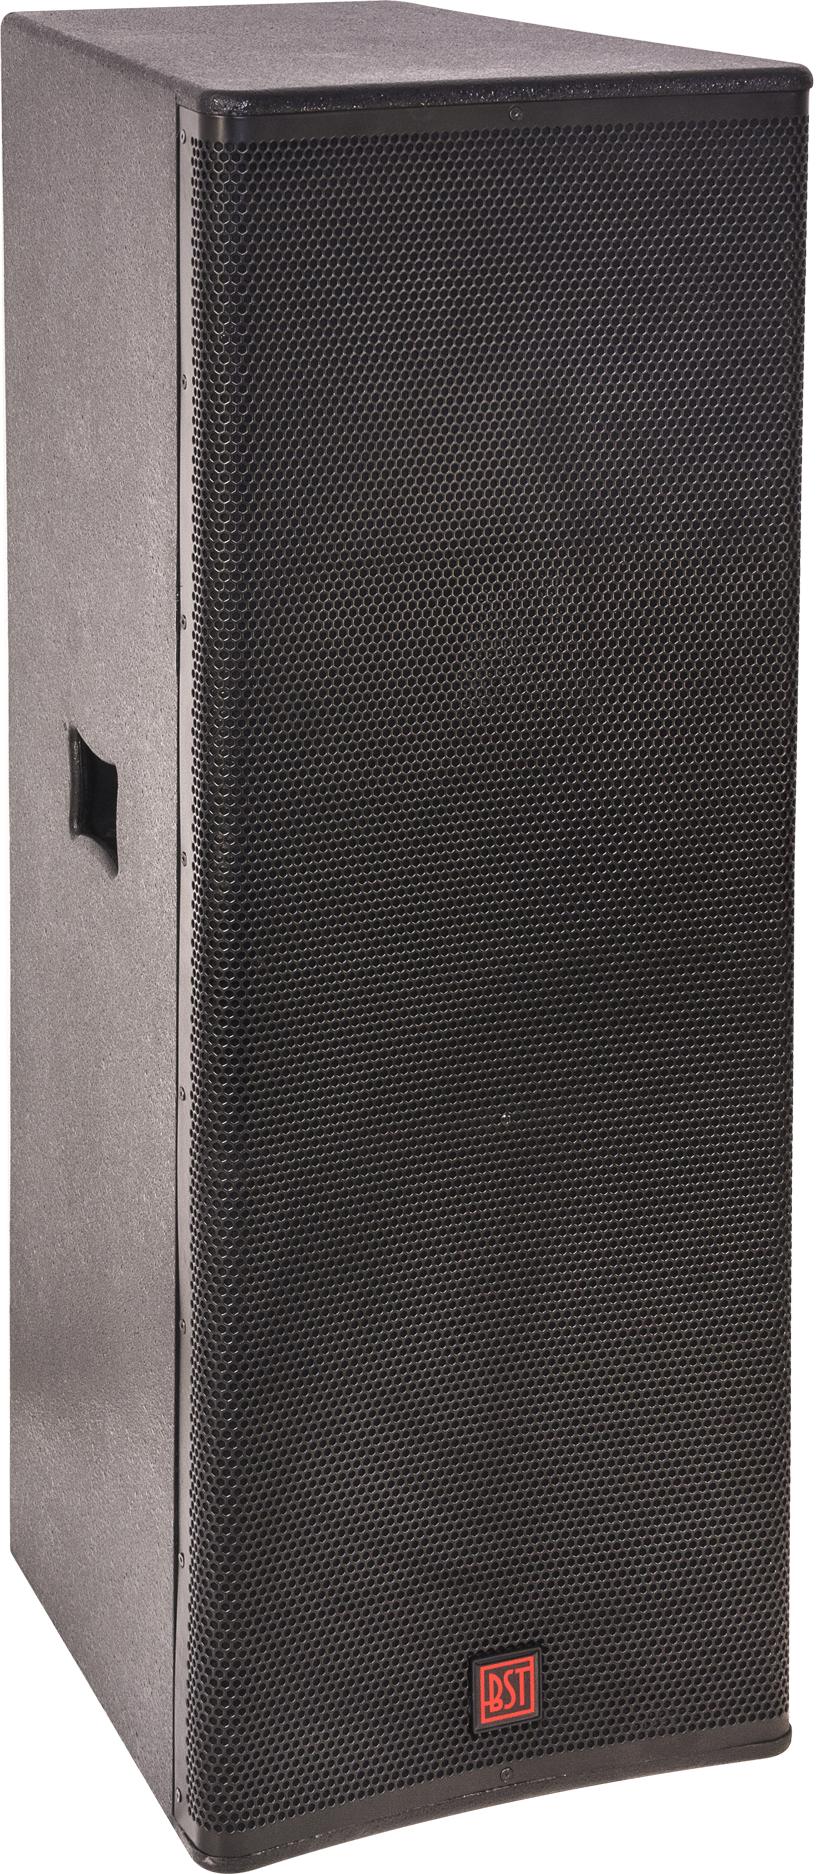 BST SA215 Aktiv højttaler 1200 Watt